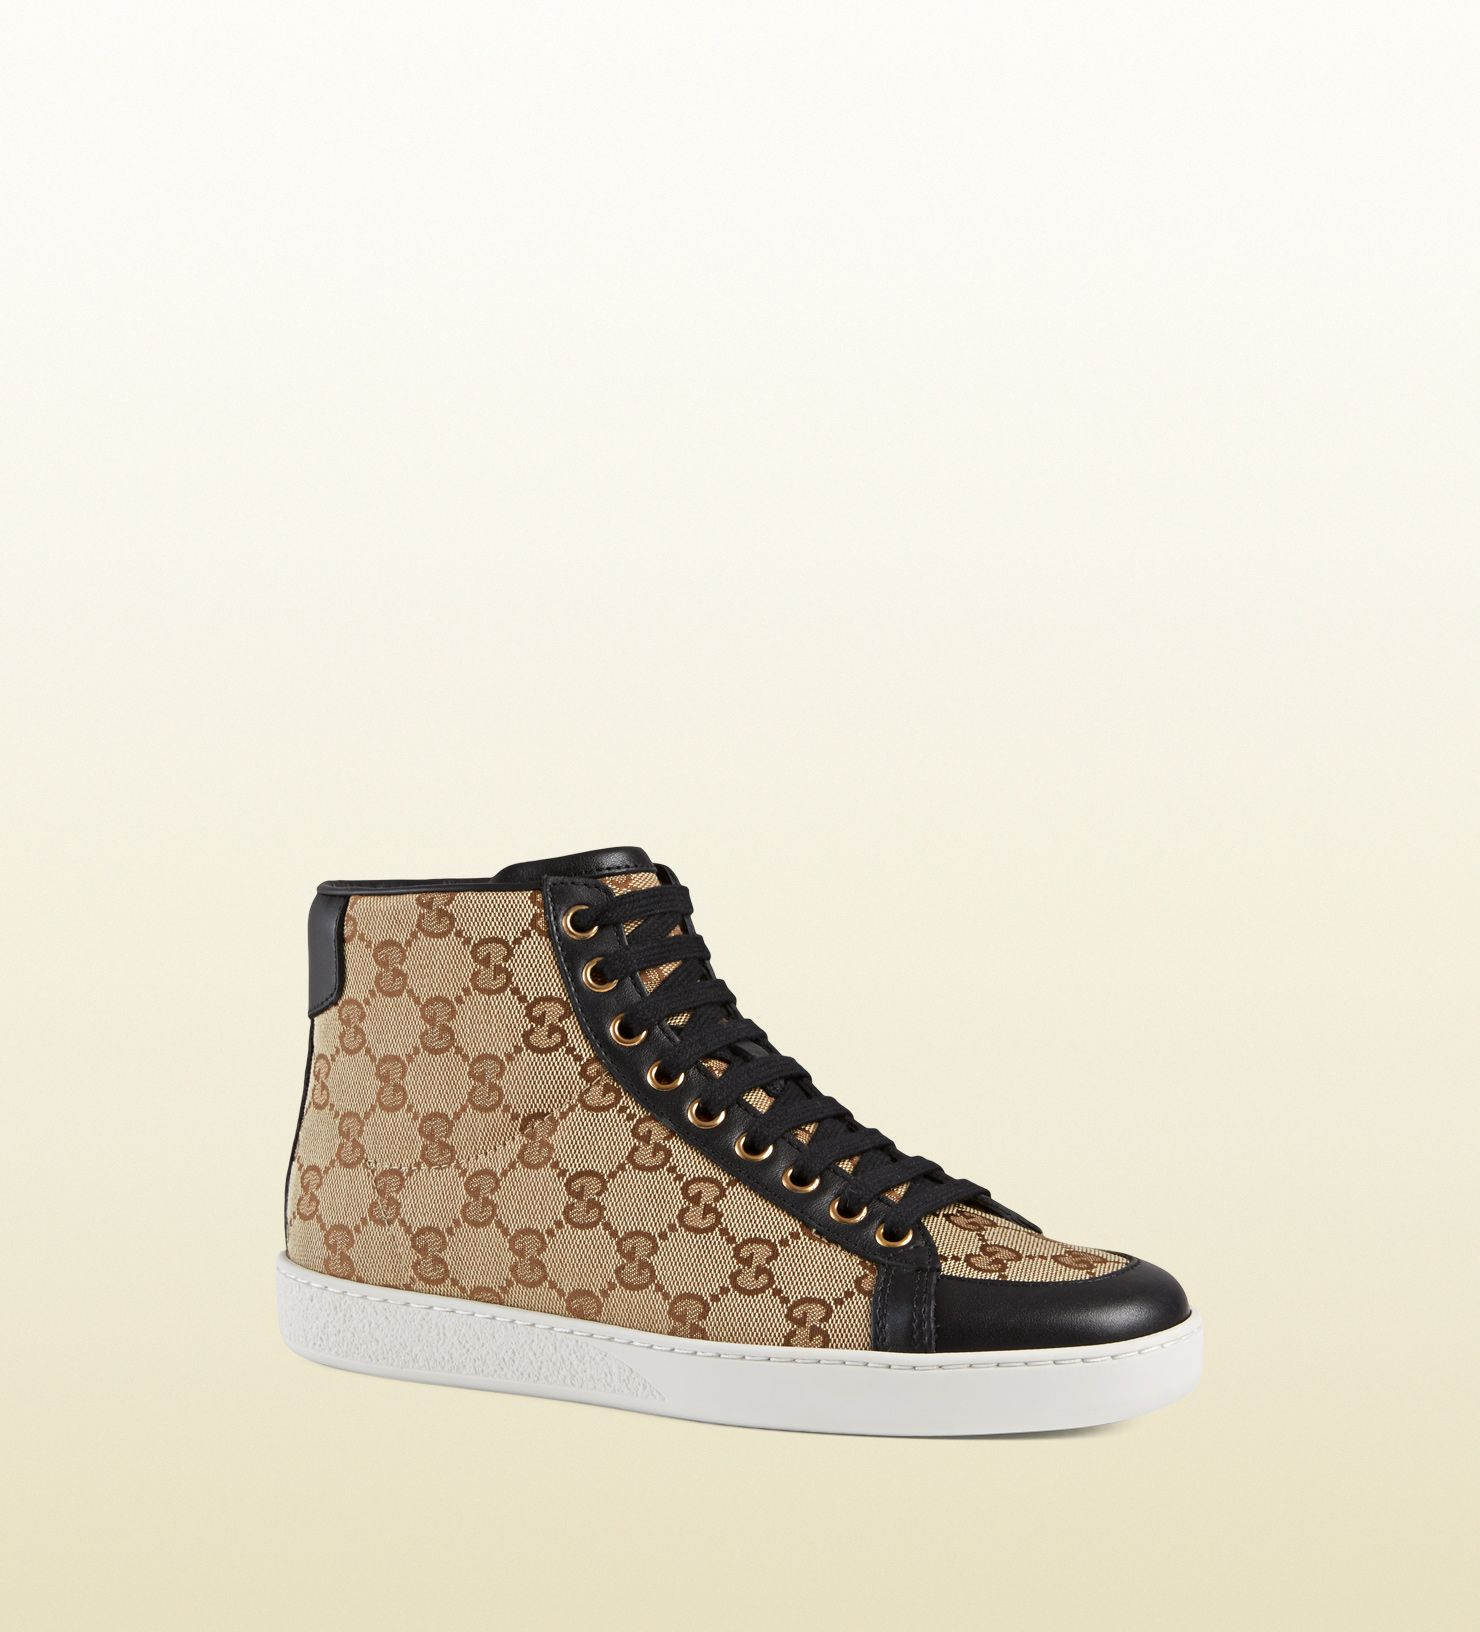 66540fb8d Gucci brooklyn original GG canvas high-top sneaker GUCCI® Official Site |  Explore the